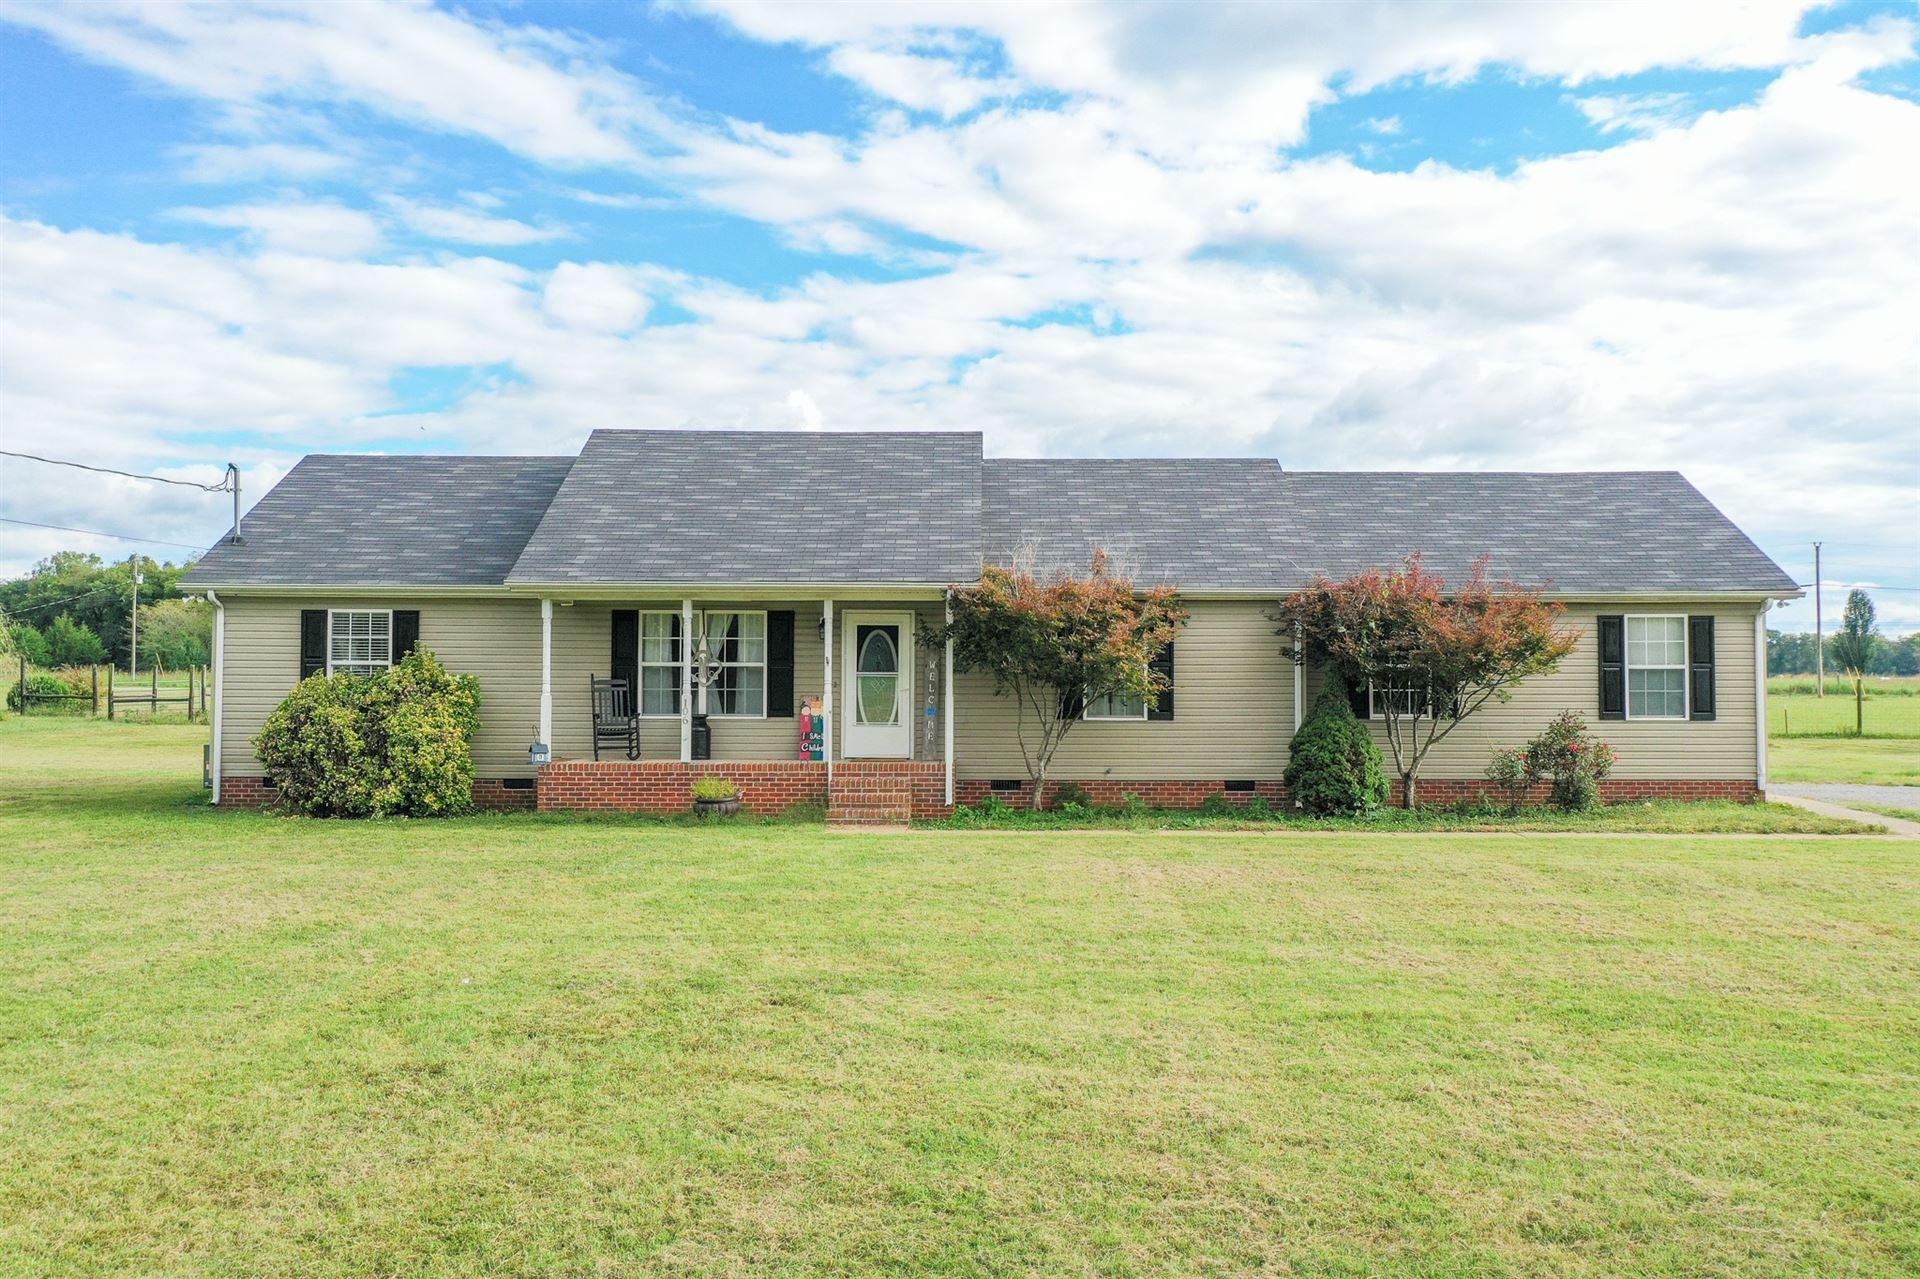 106 Conquest Ct, Unionville, TN 37180 - MLS#: 2290161